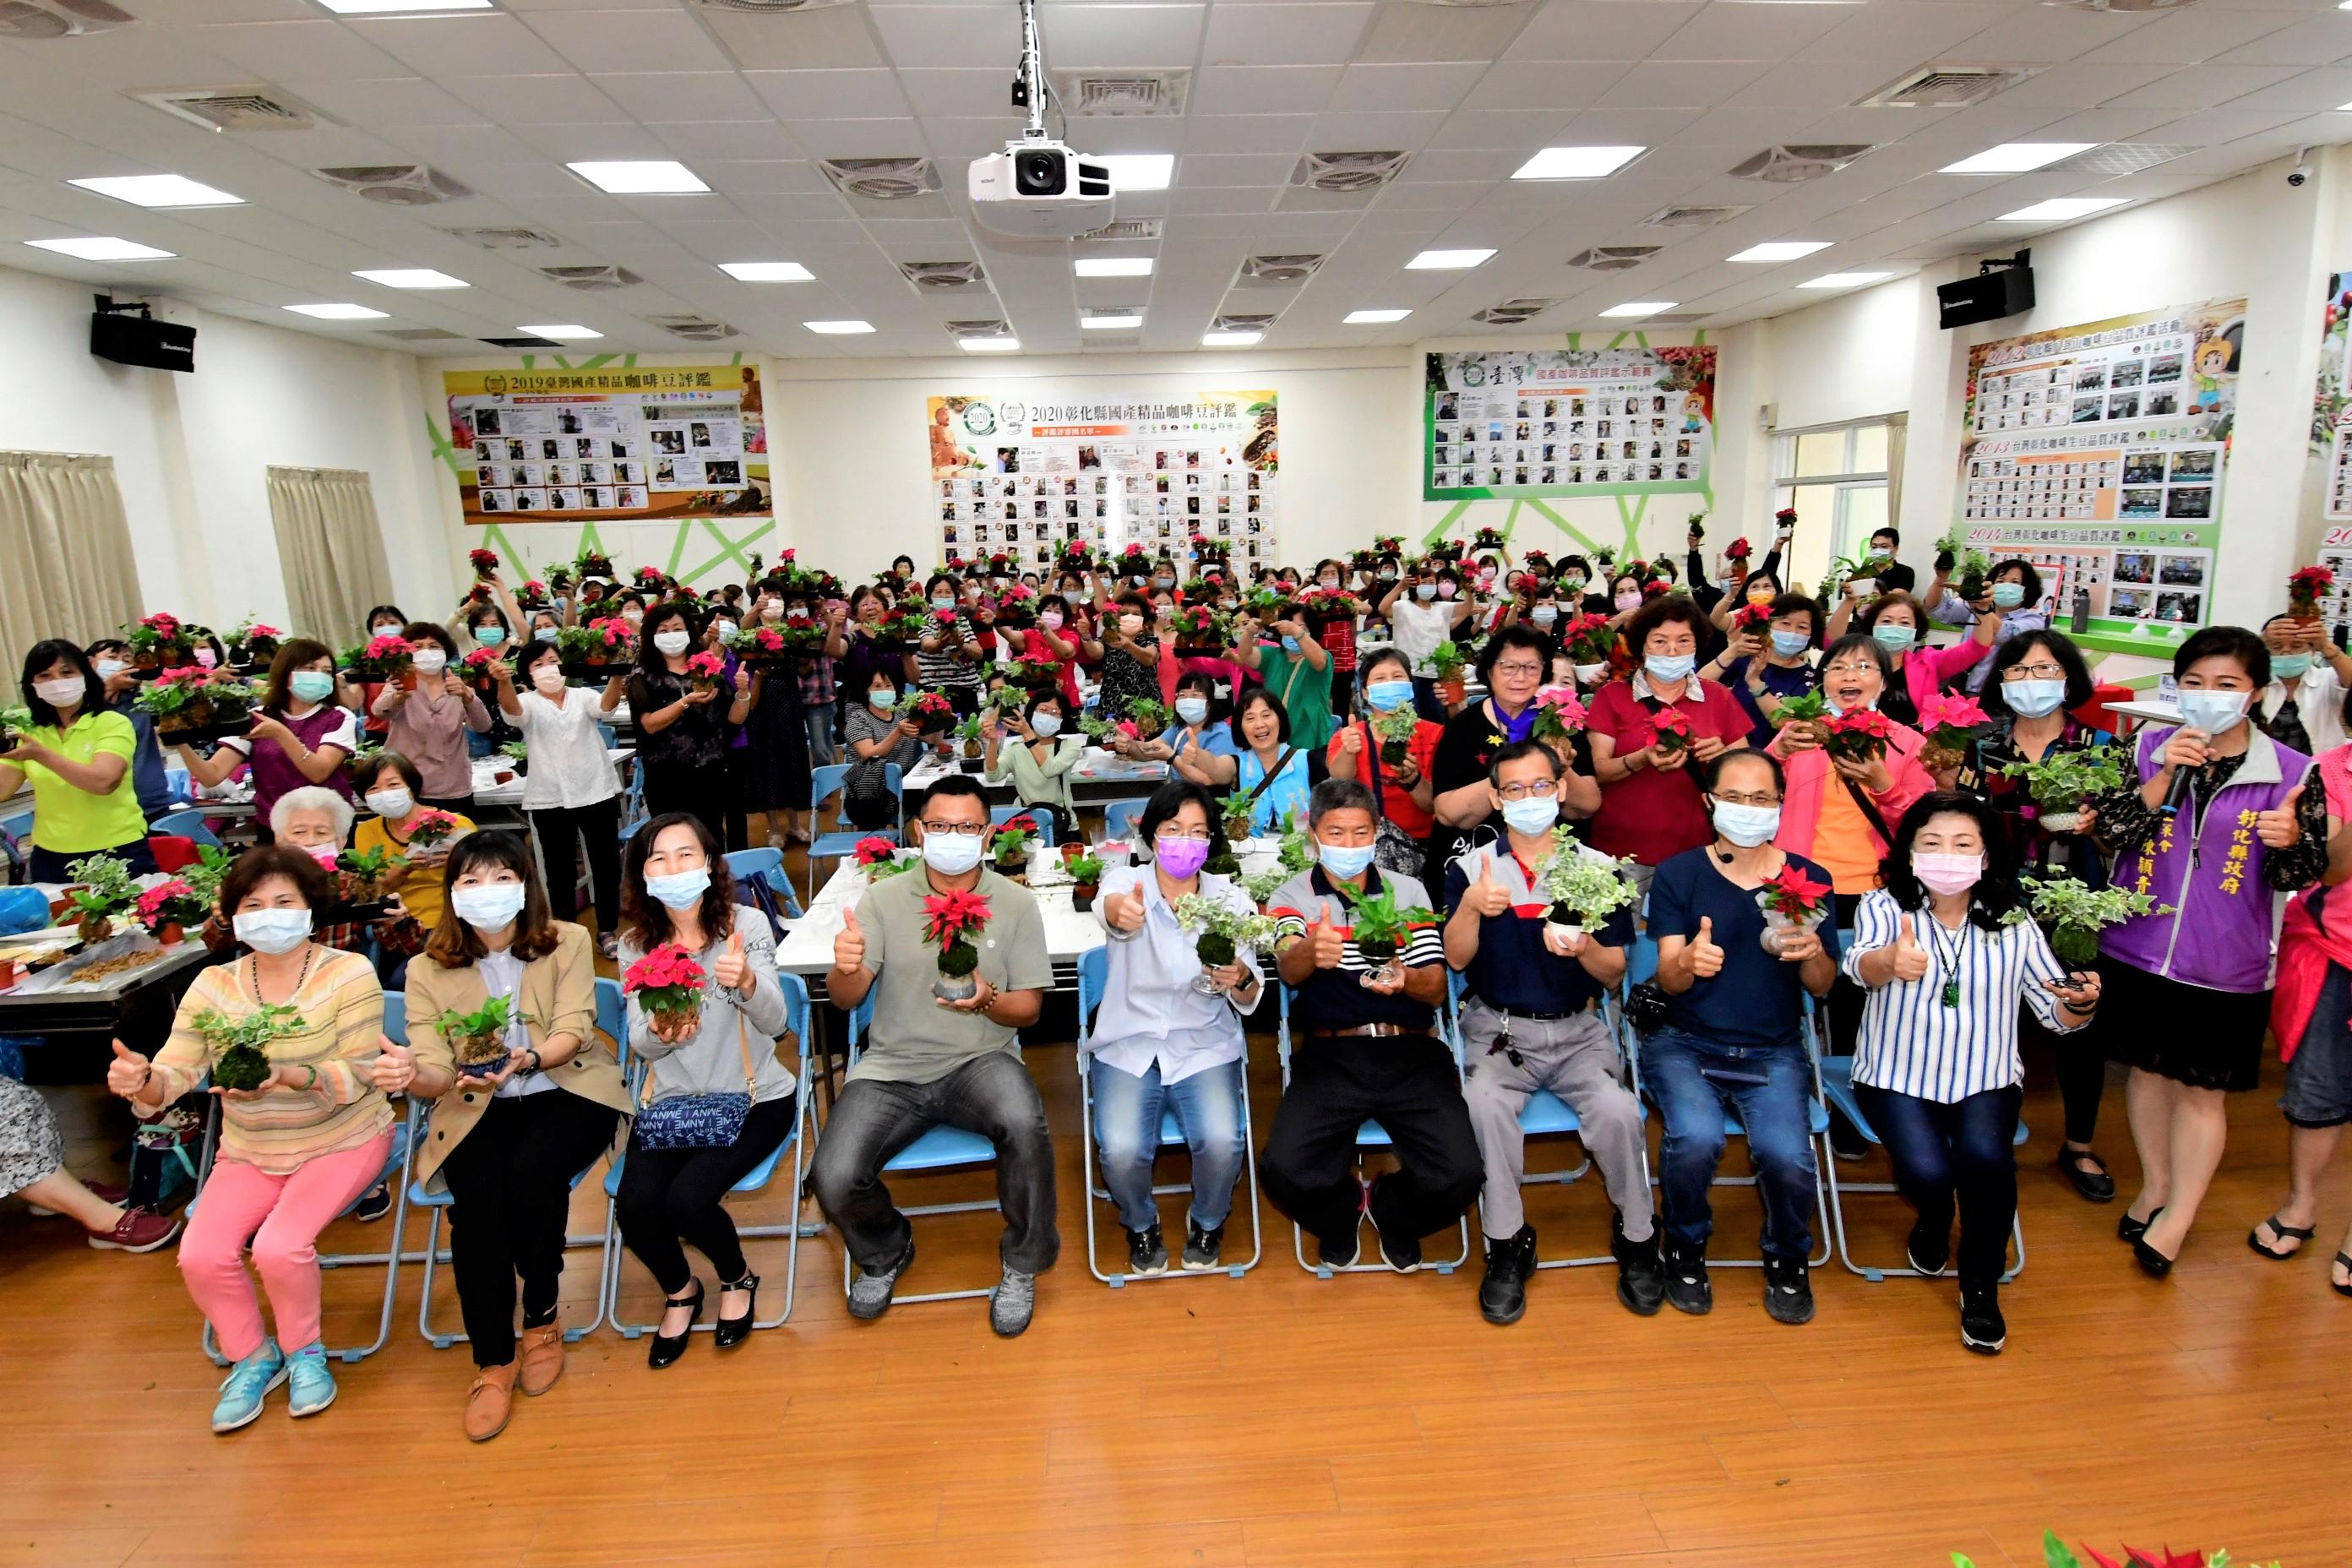 彰化縣綠美化園藝治療活動第2場於彰化市農會登場